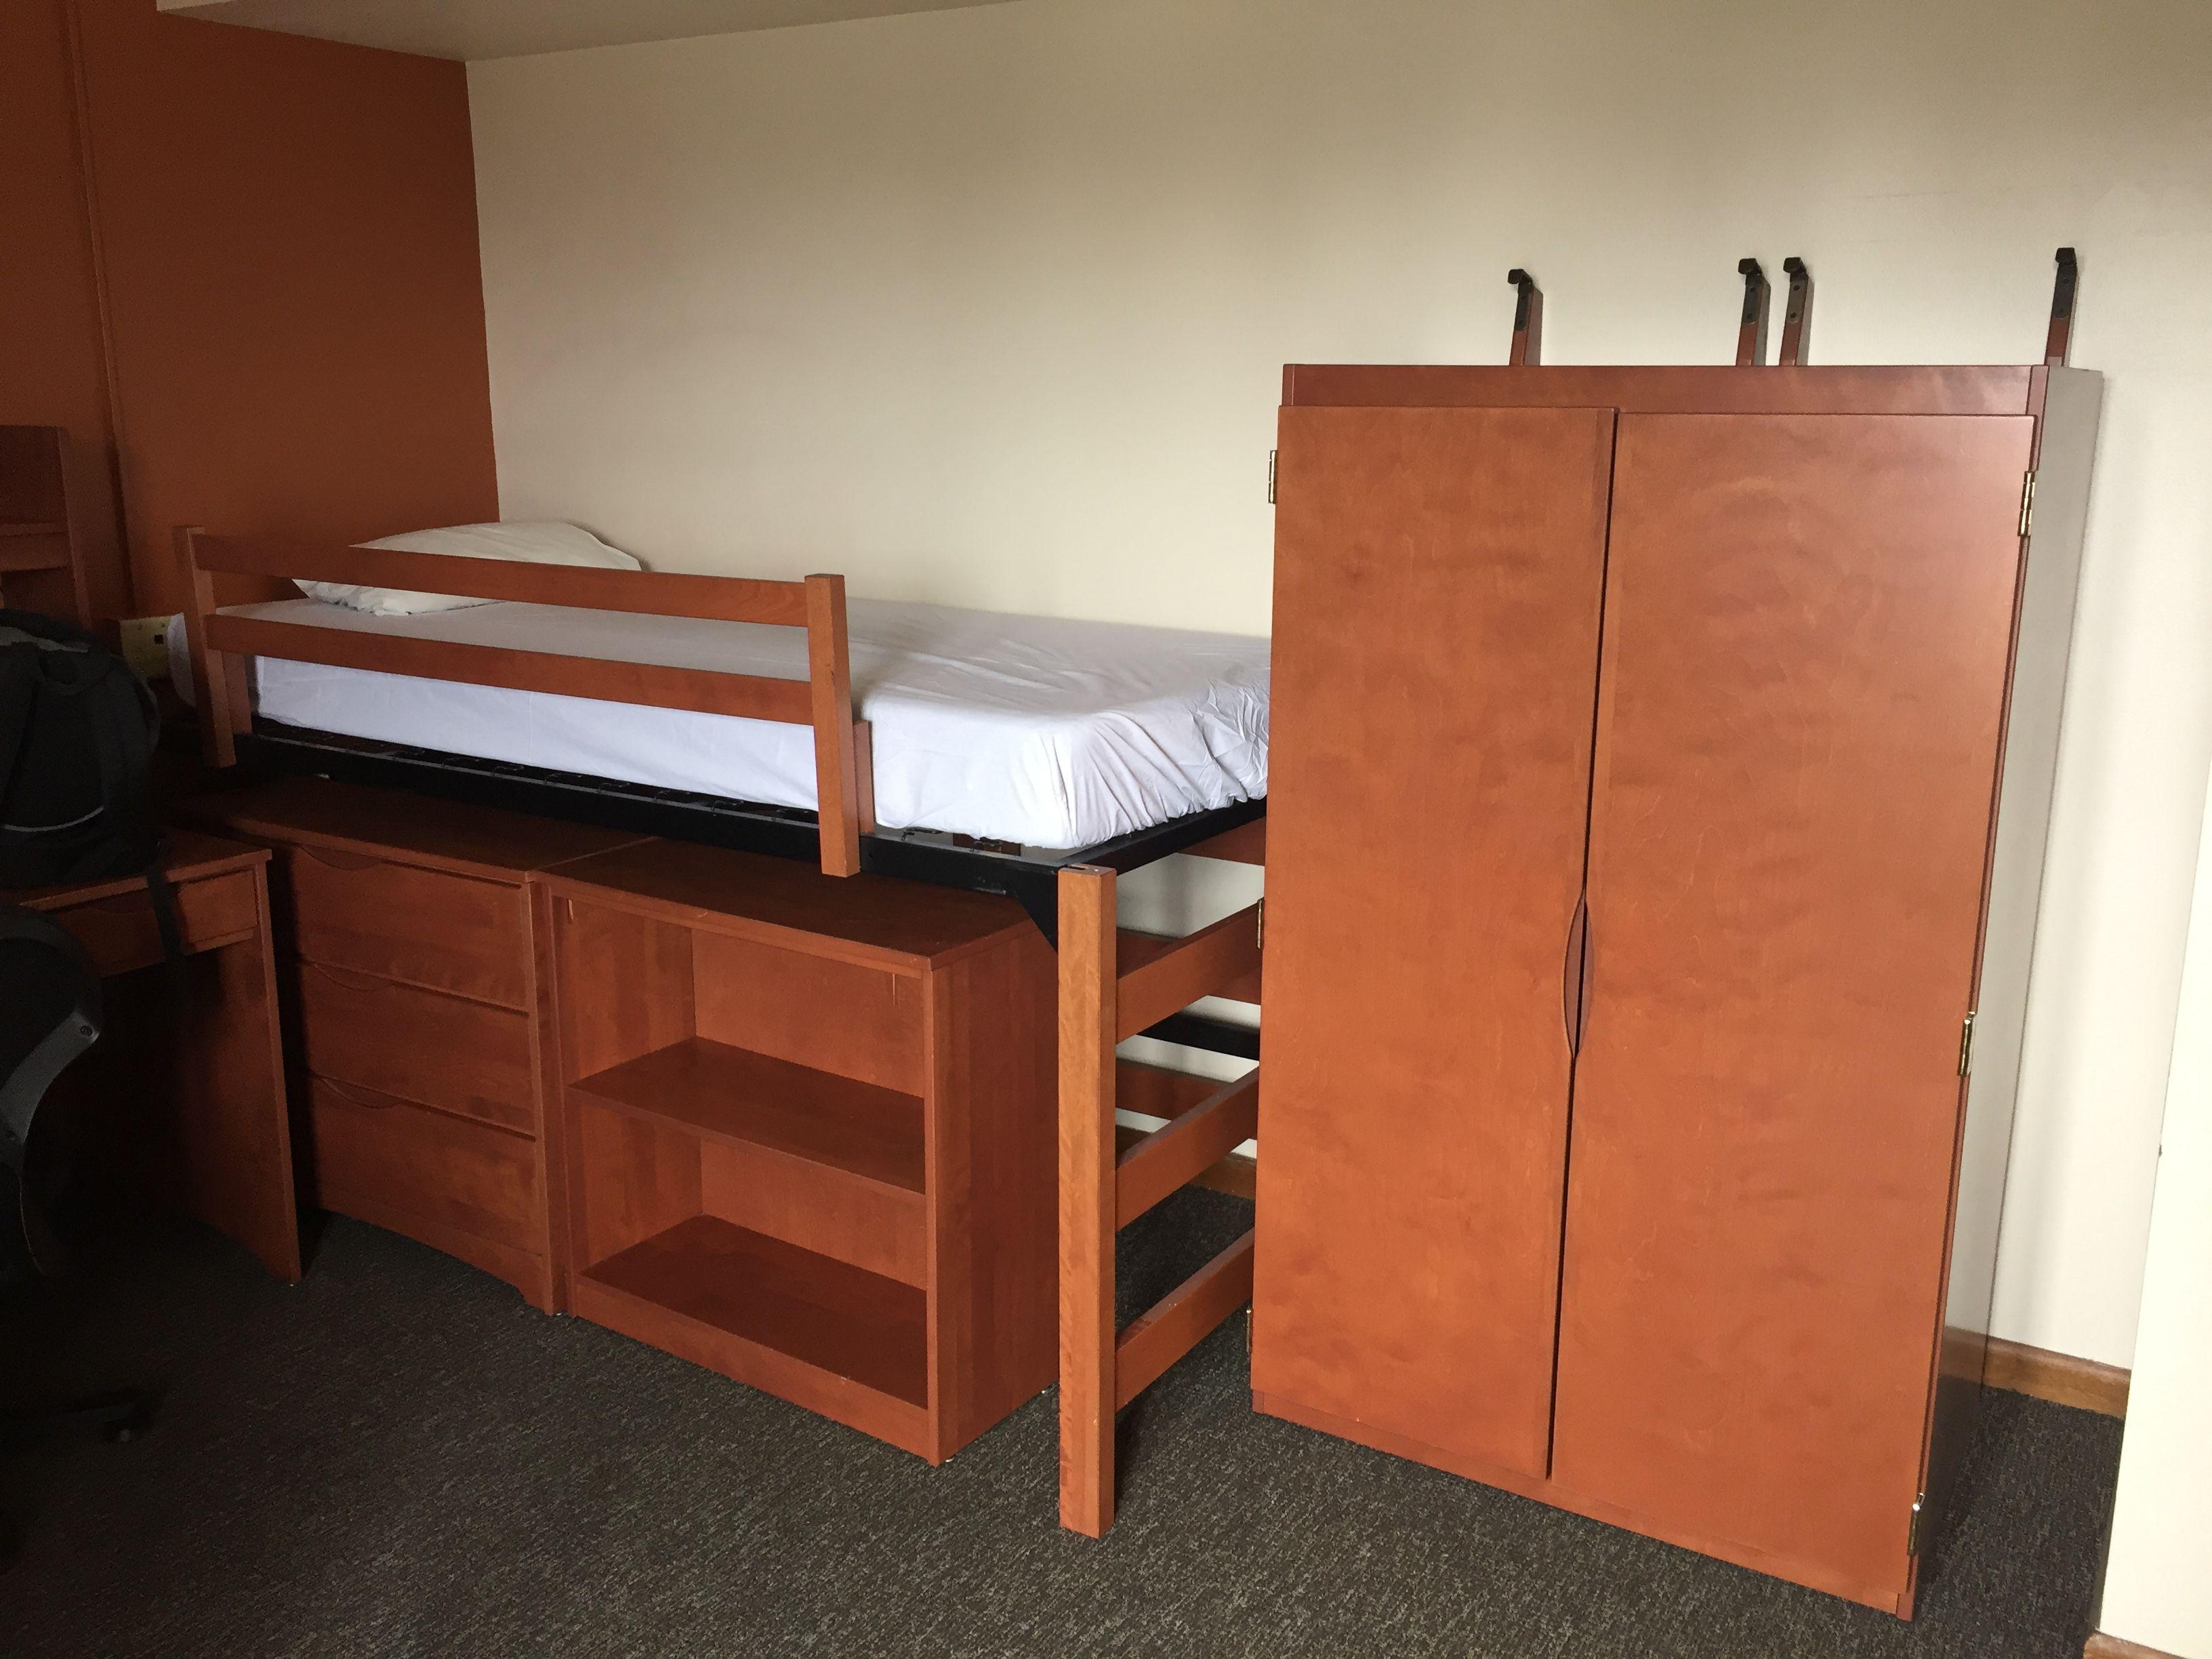 Marquette university cobeen hall dorm room 729 corner